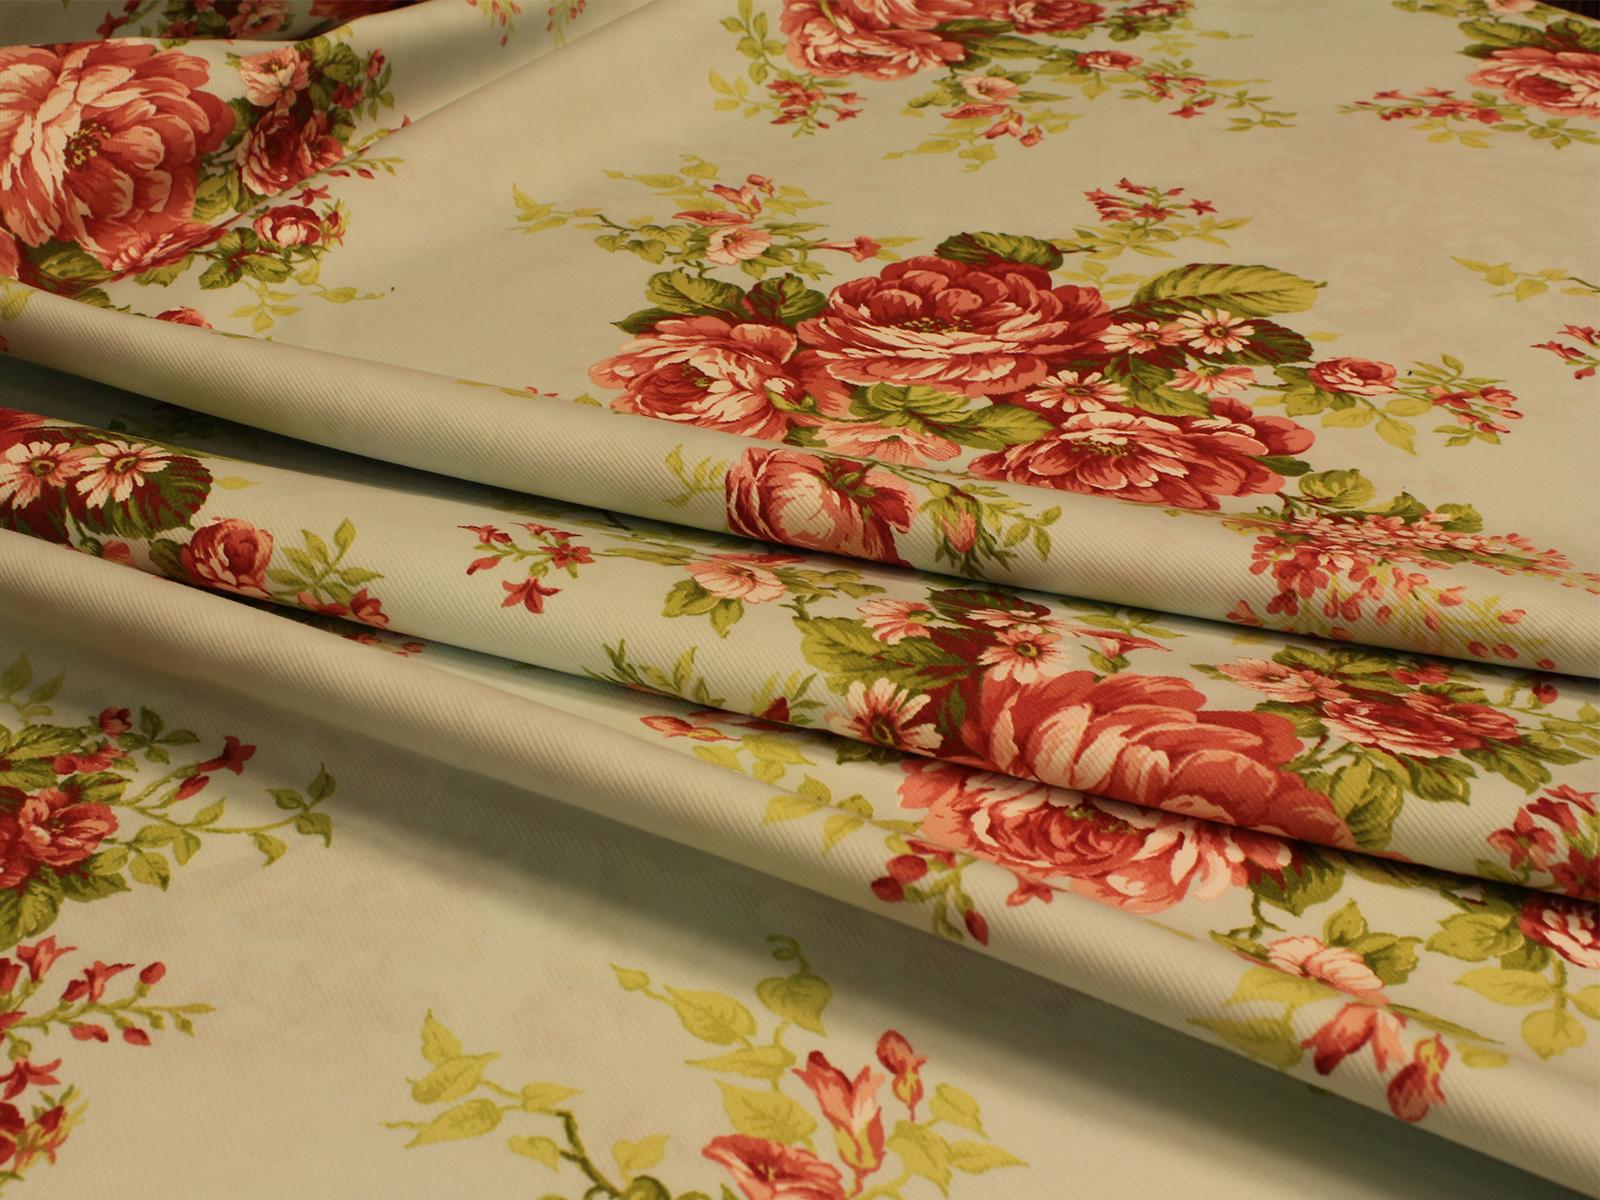 Fiore sanderson grande giusti tessuti for Tessuti arredamento on line